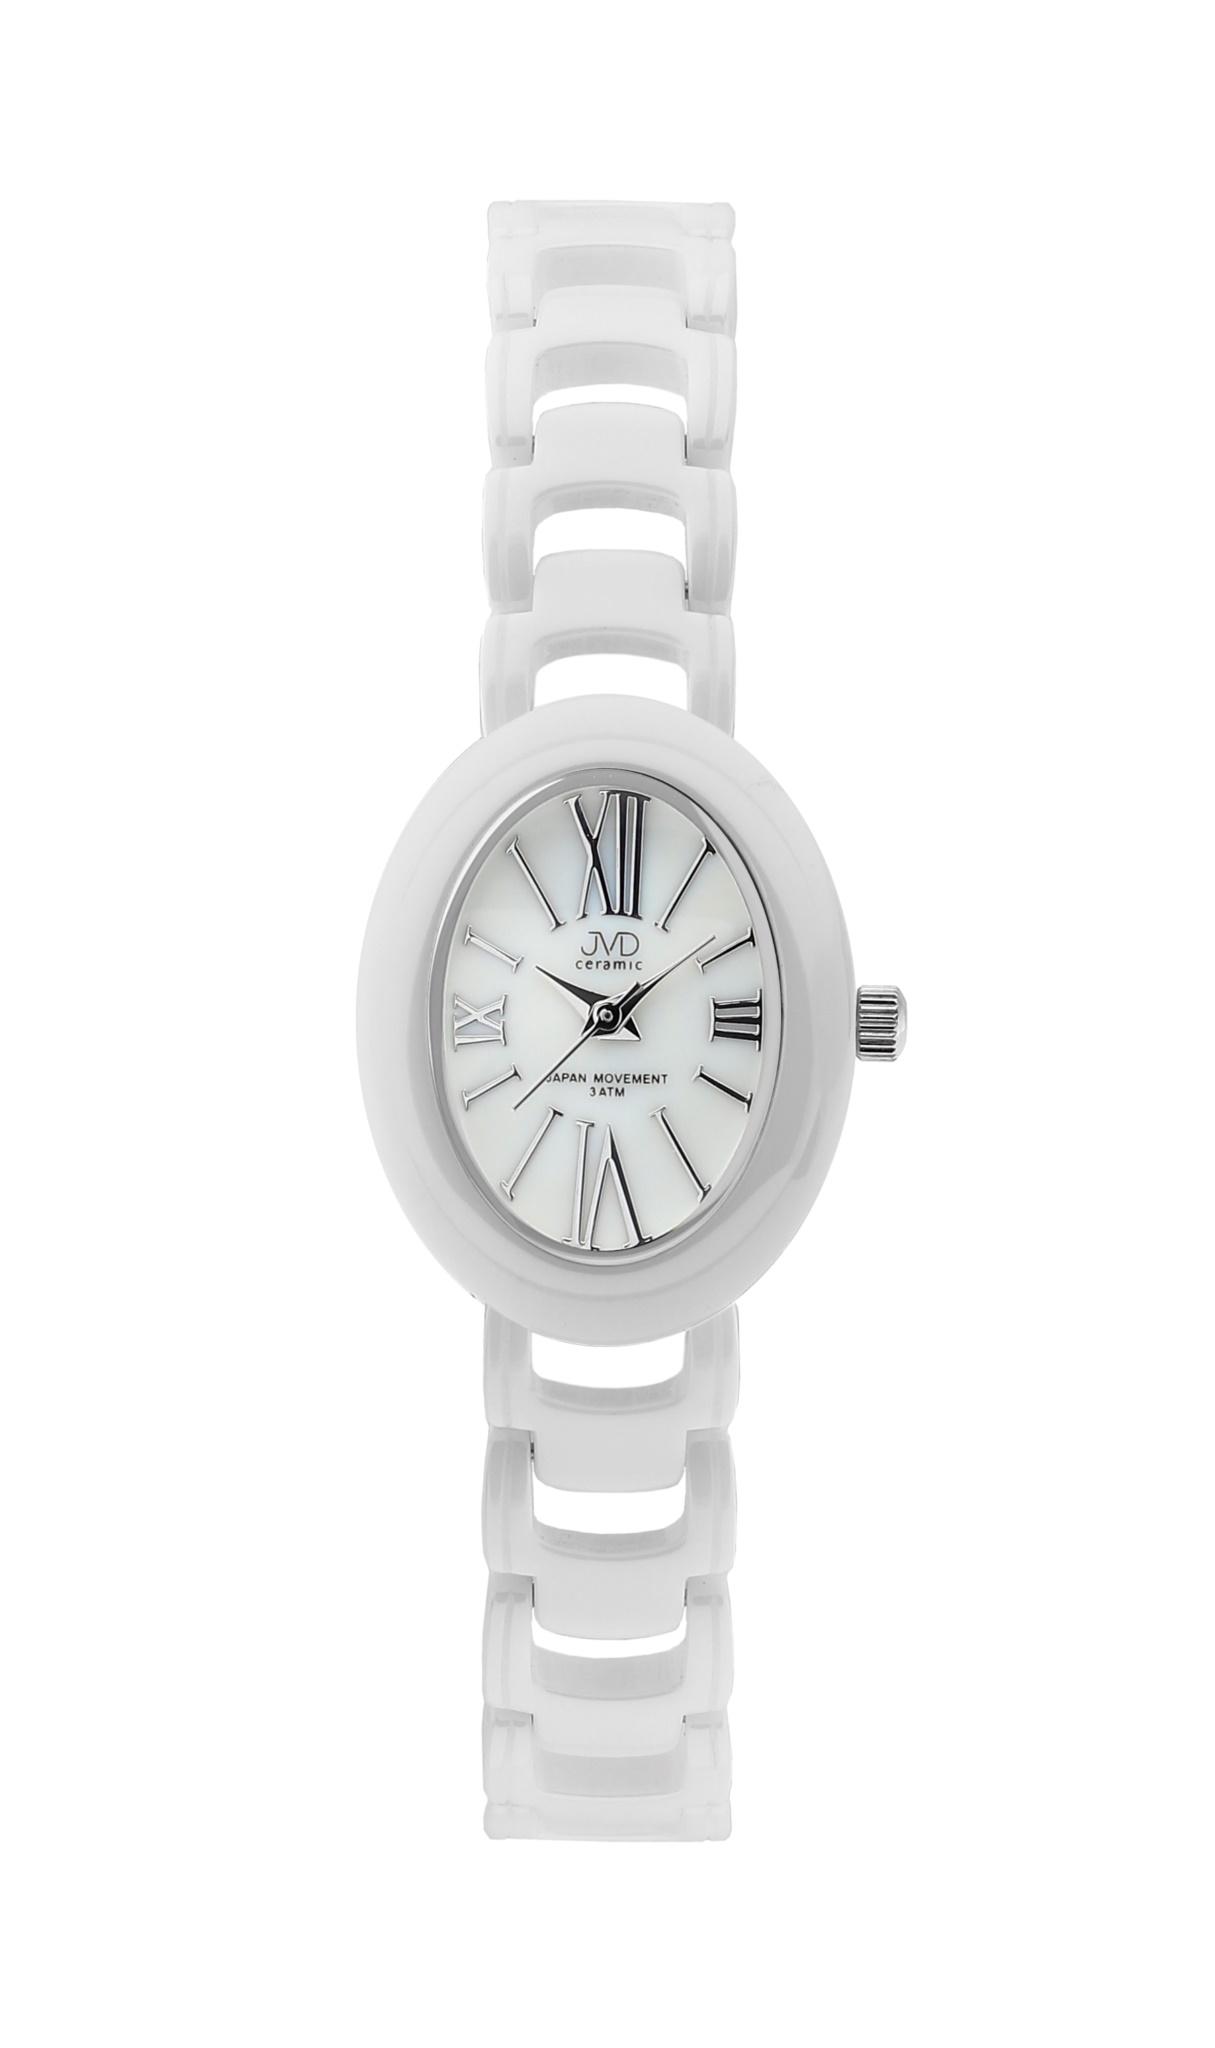 Luxusní keramické dámské náramkové hodinky JVD ceramic J6010.3 (POŠTOVNÉ ZDARMA!!)